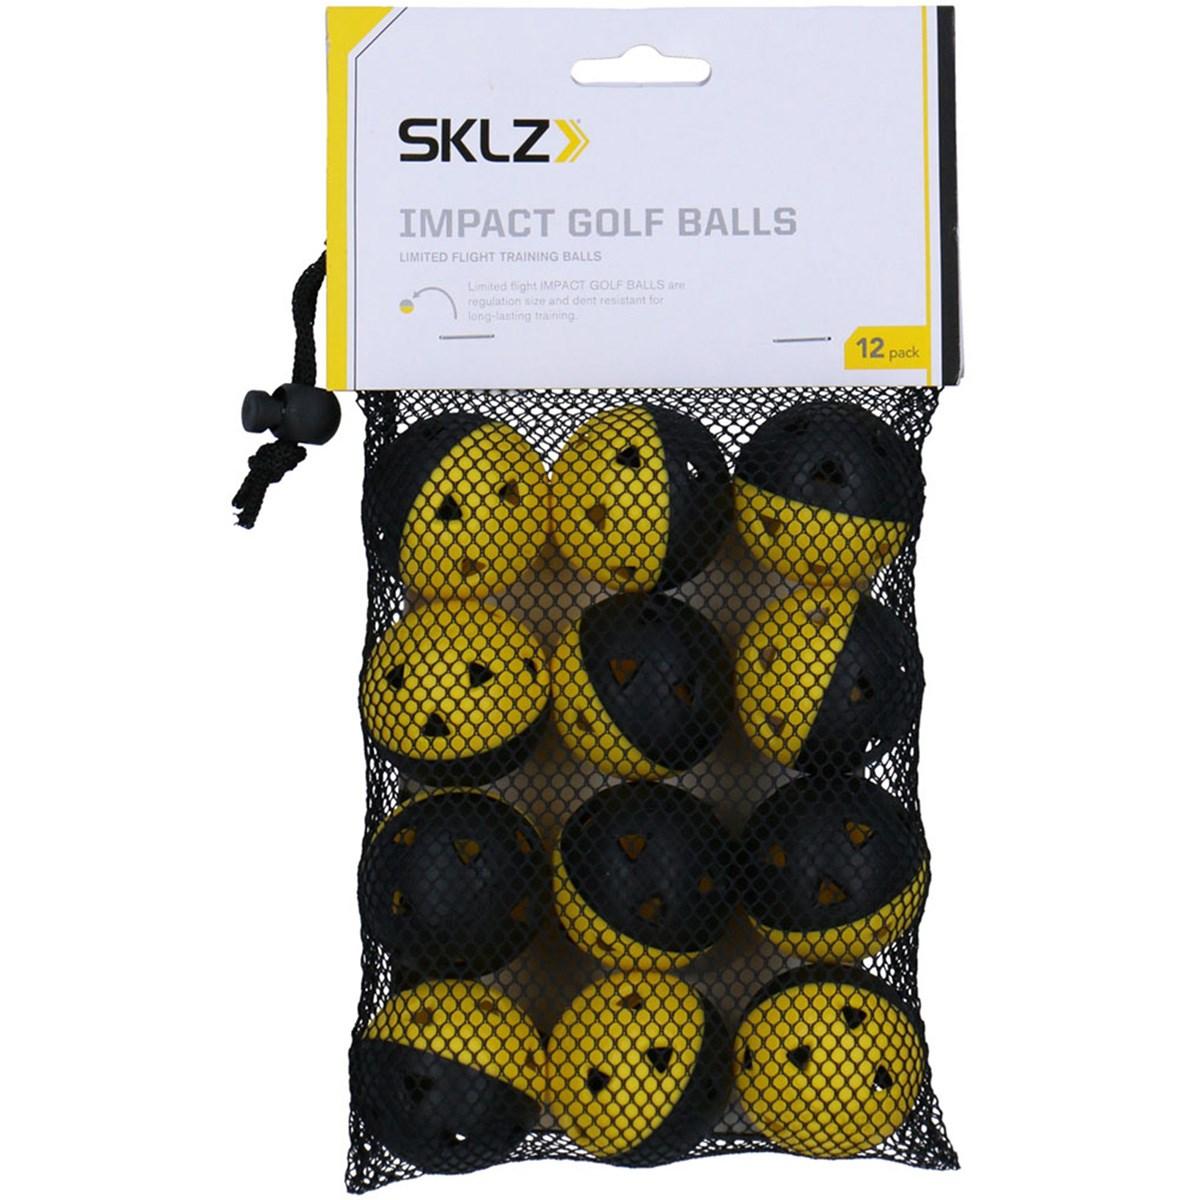 スキルズ 練習用インパクトゴルフボール 12個入り